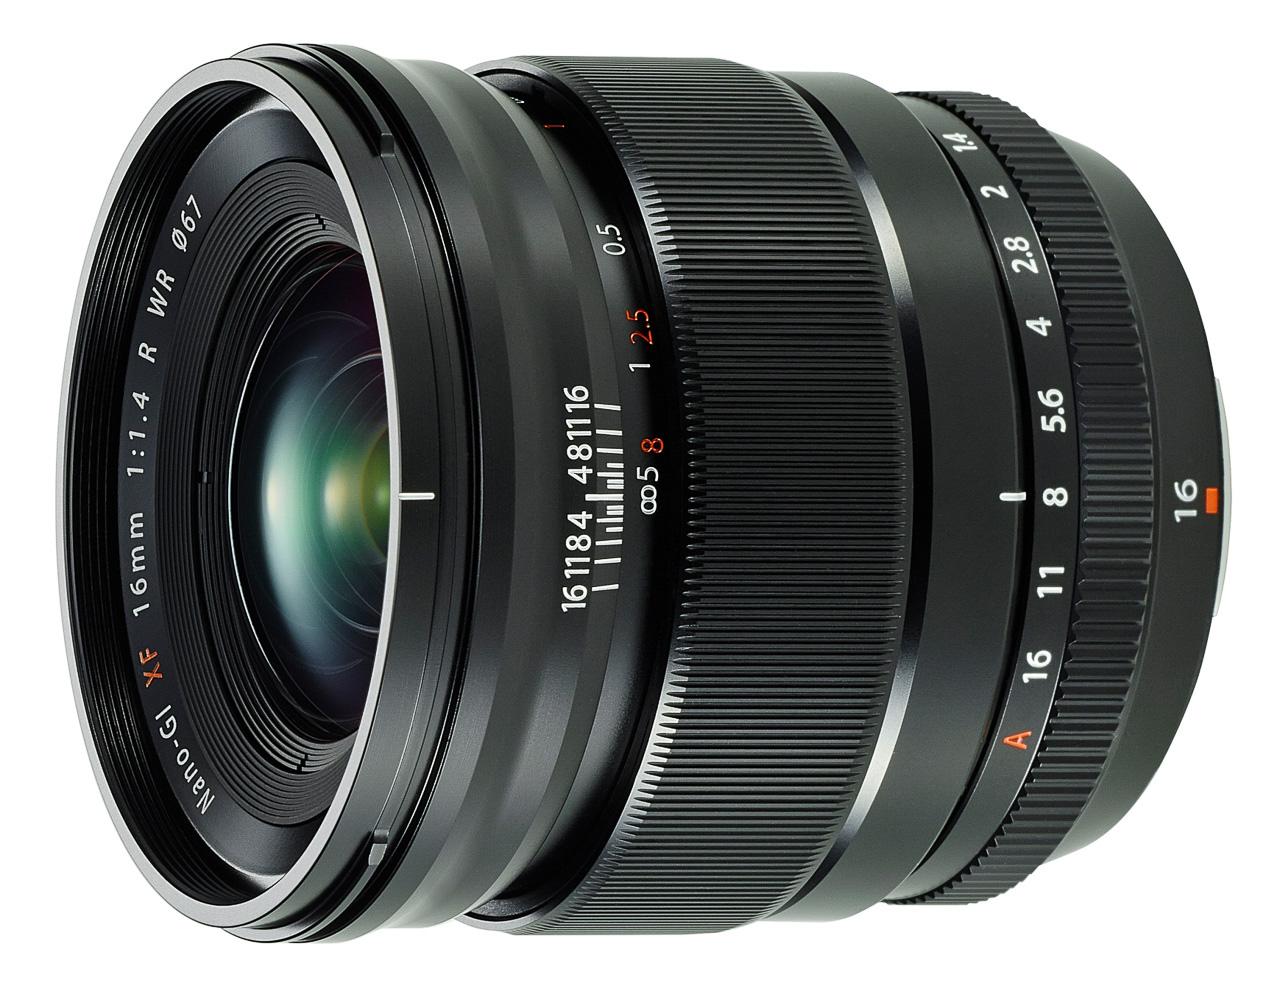 Fuji 16mm f/1.4 WR